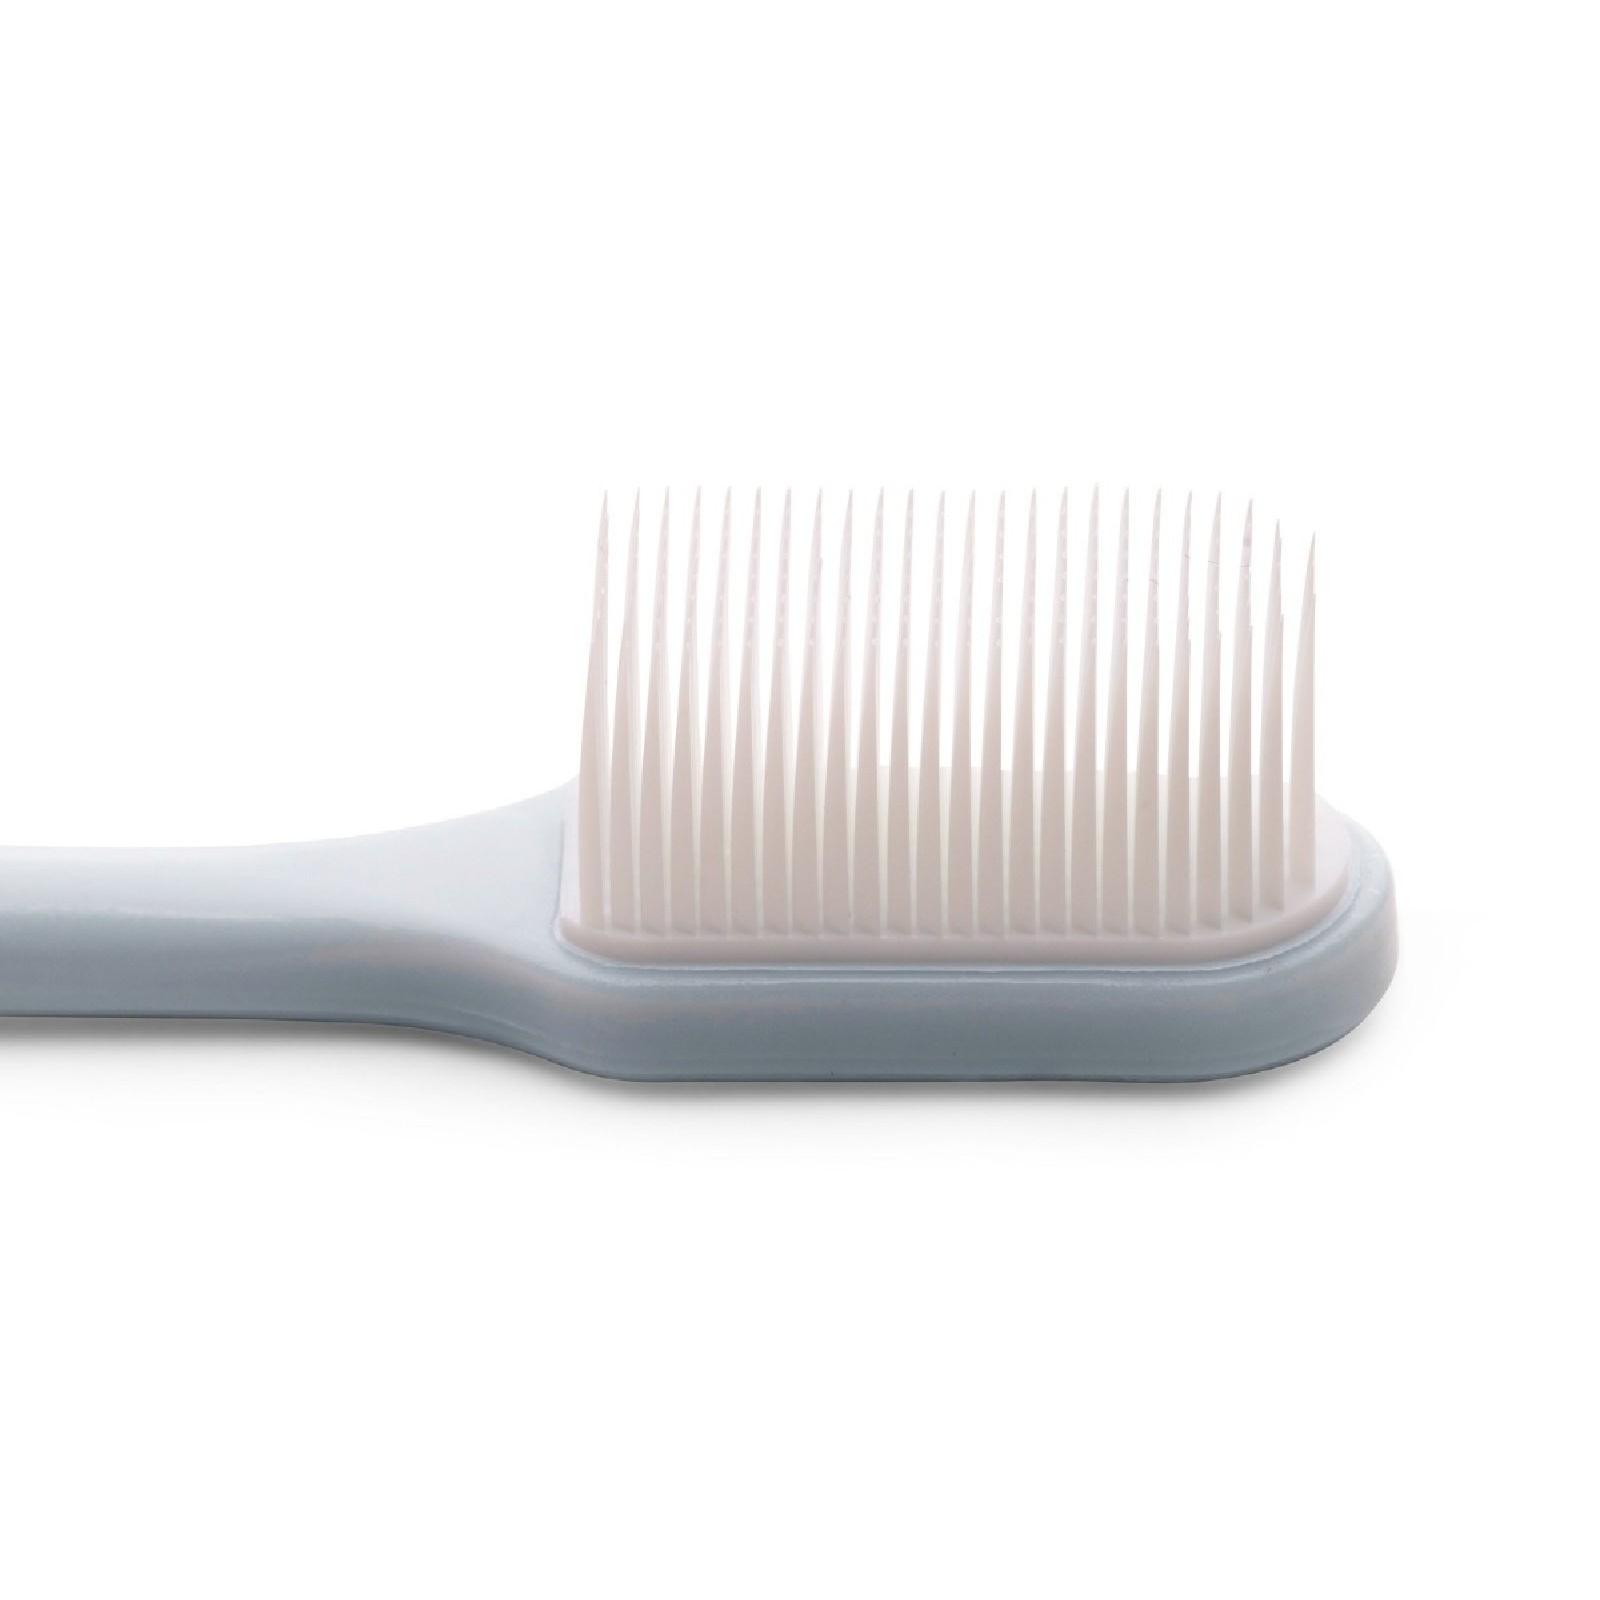 cepillo-dientes-azul-para-dispositivos-móviles-detalle-cerdas